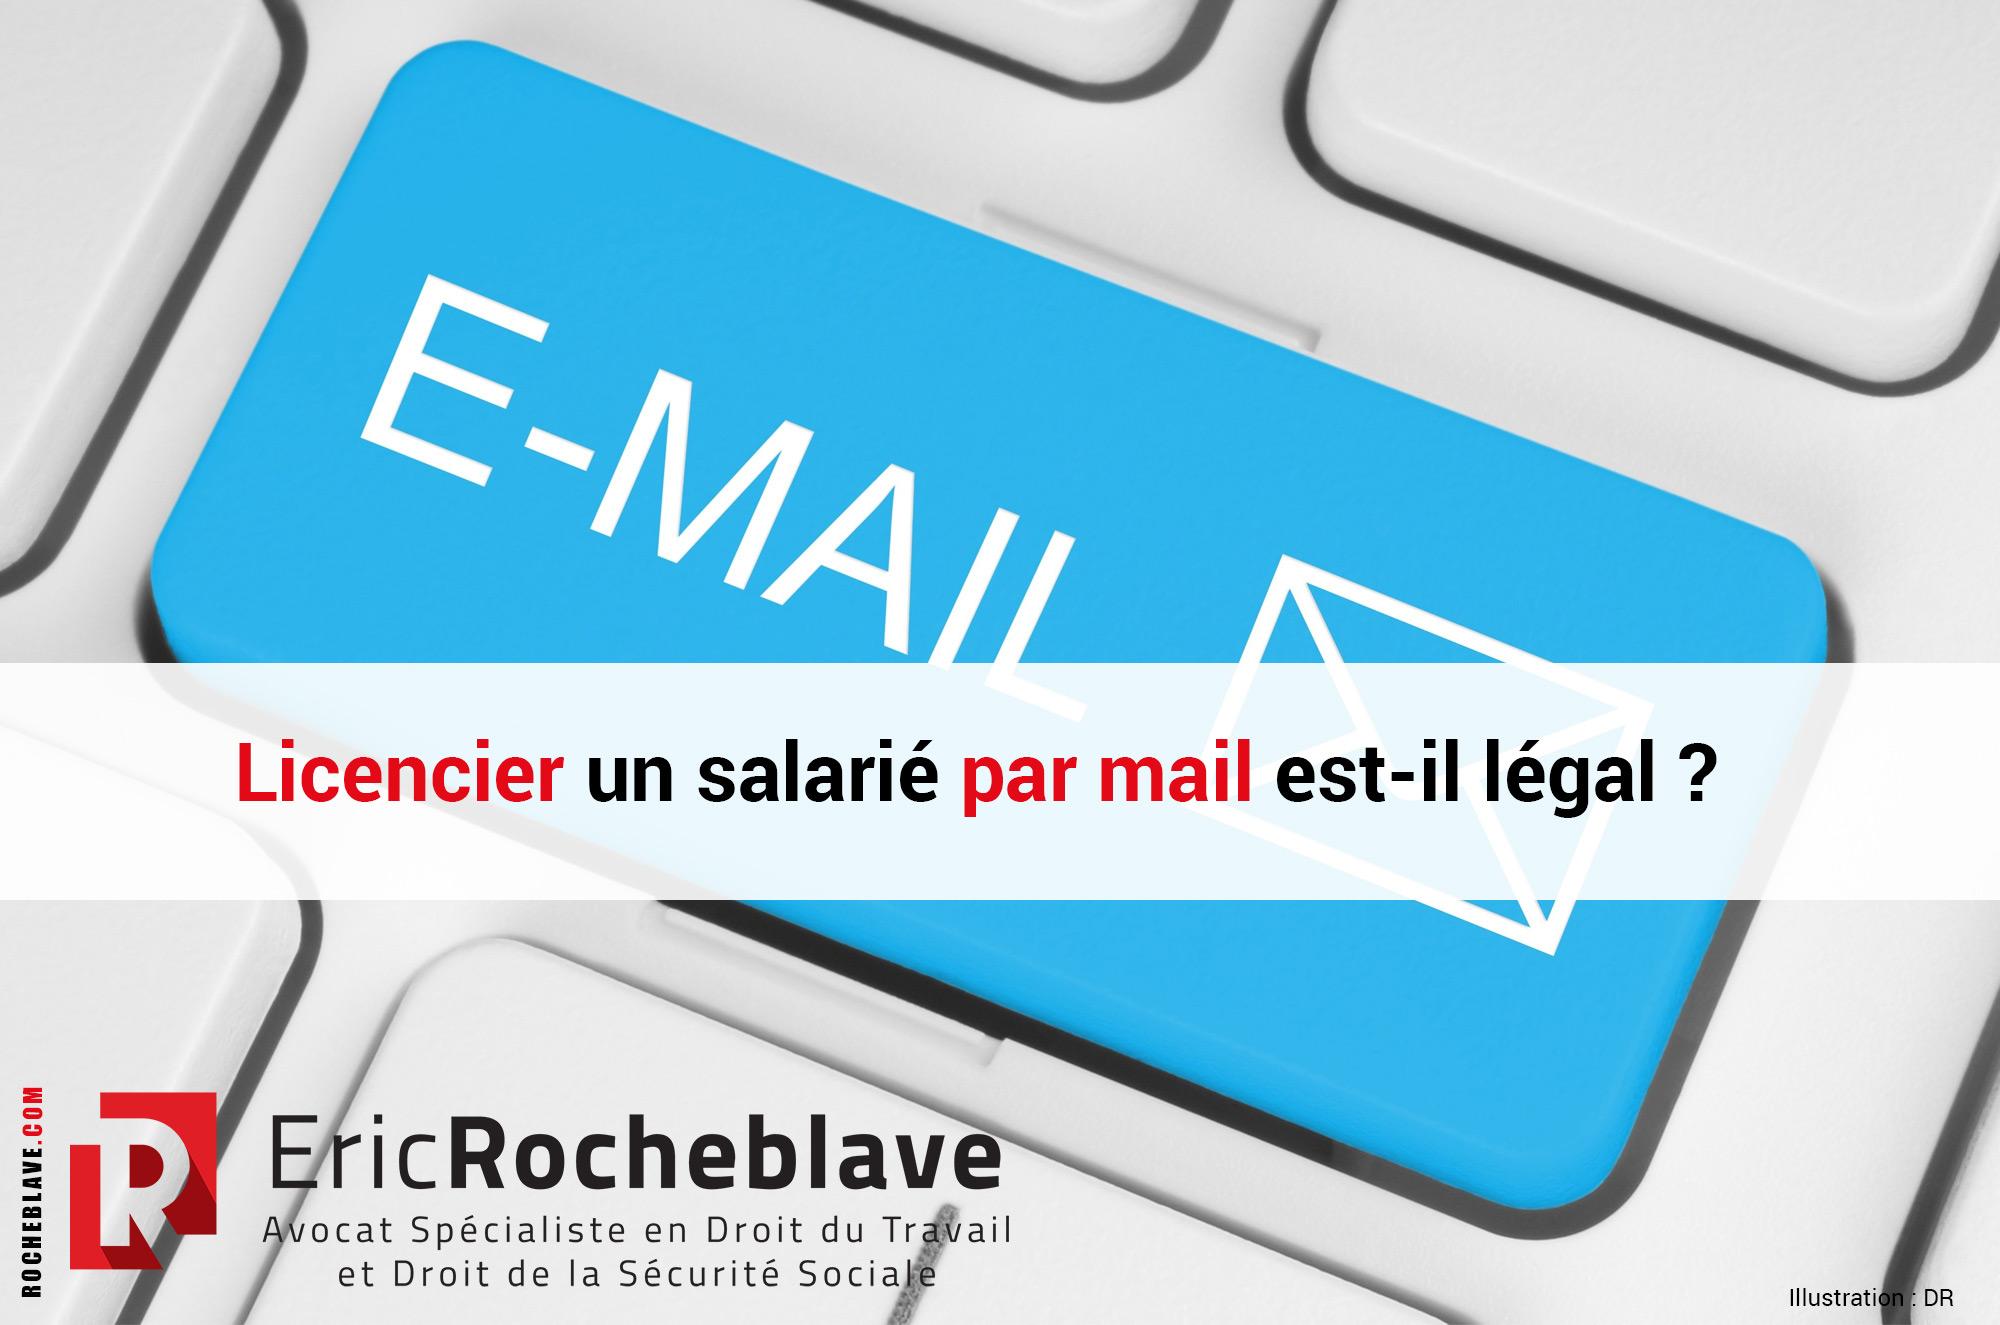 Licencier un salarié par mail est-il légal ?